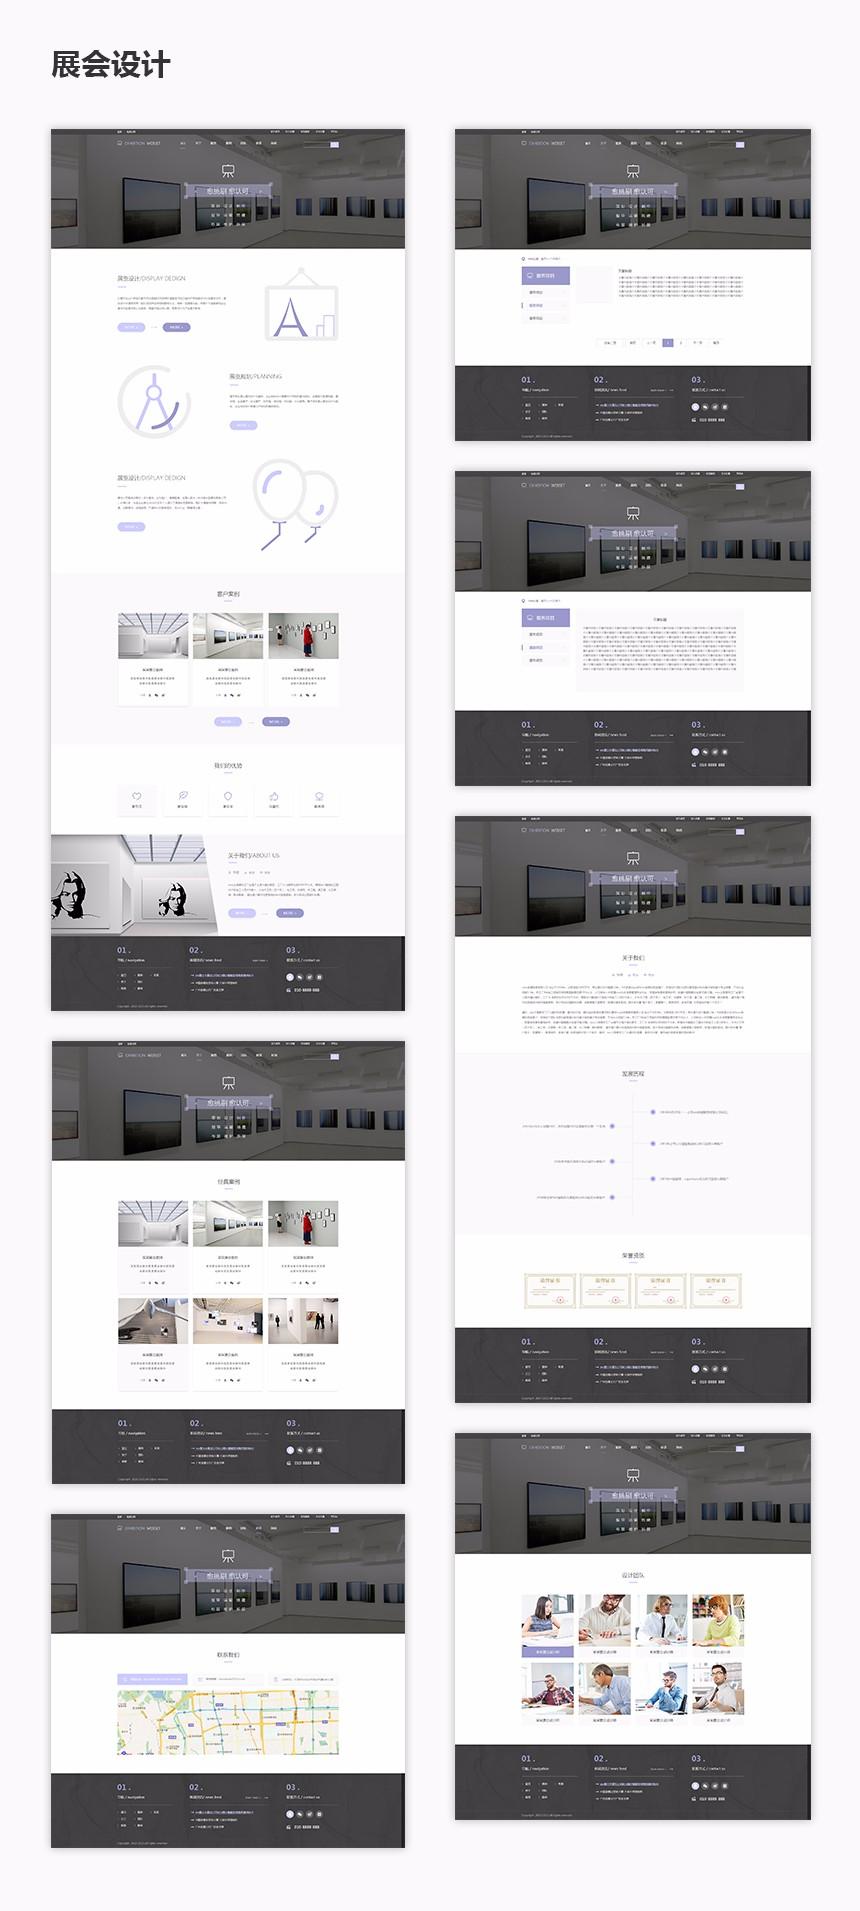 重庆展会设计公司会展行业网站建设.jpg